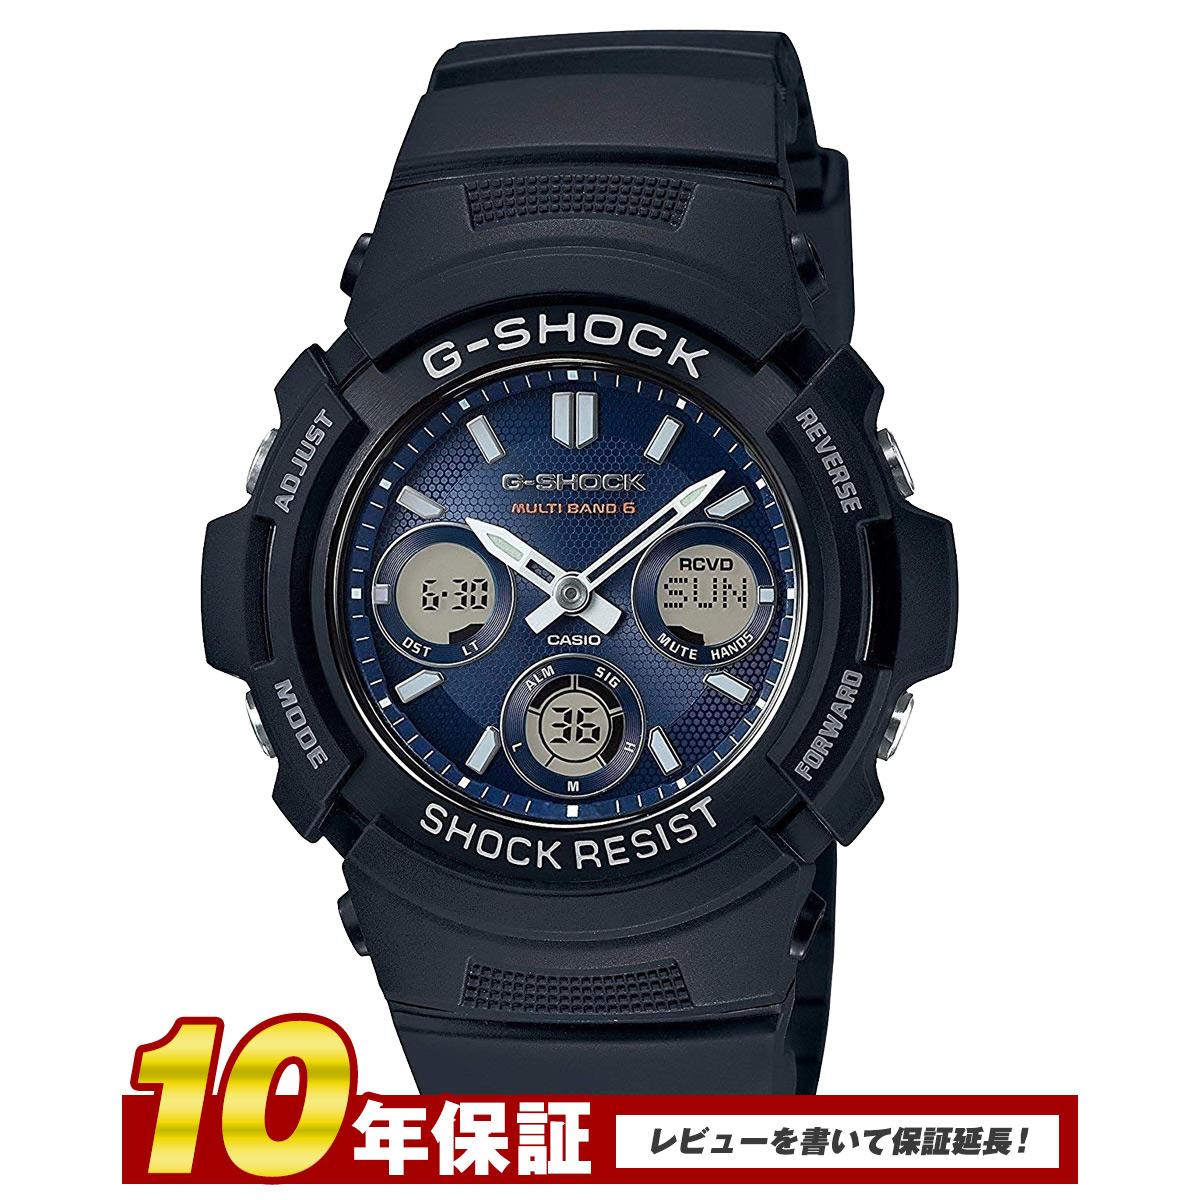 Gショック AWG ジーショック G-SHOCK AWG-M100 メンズ 時計 腕時計 ソーラー ソーラー電波